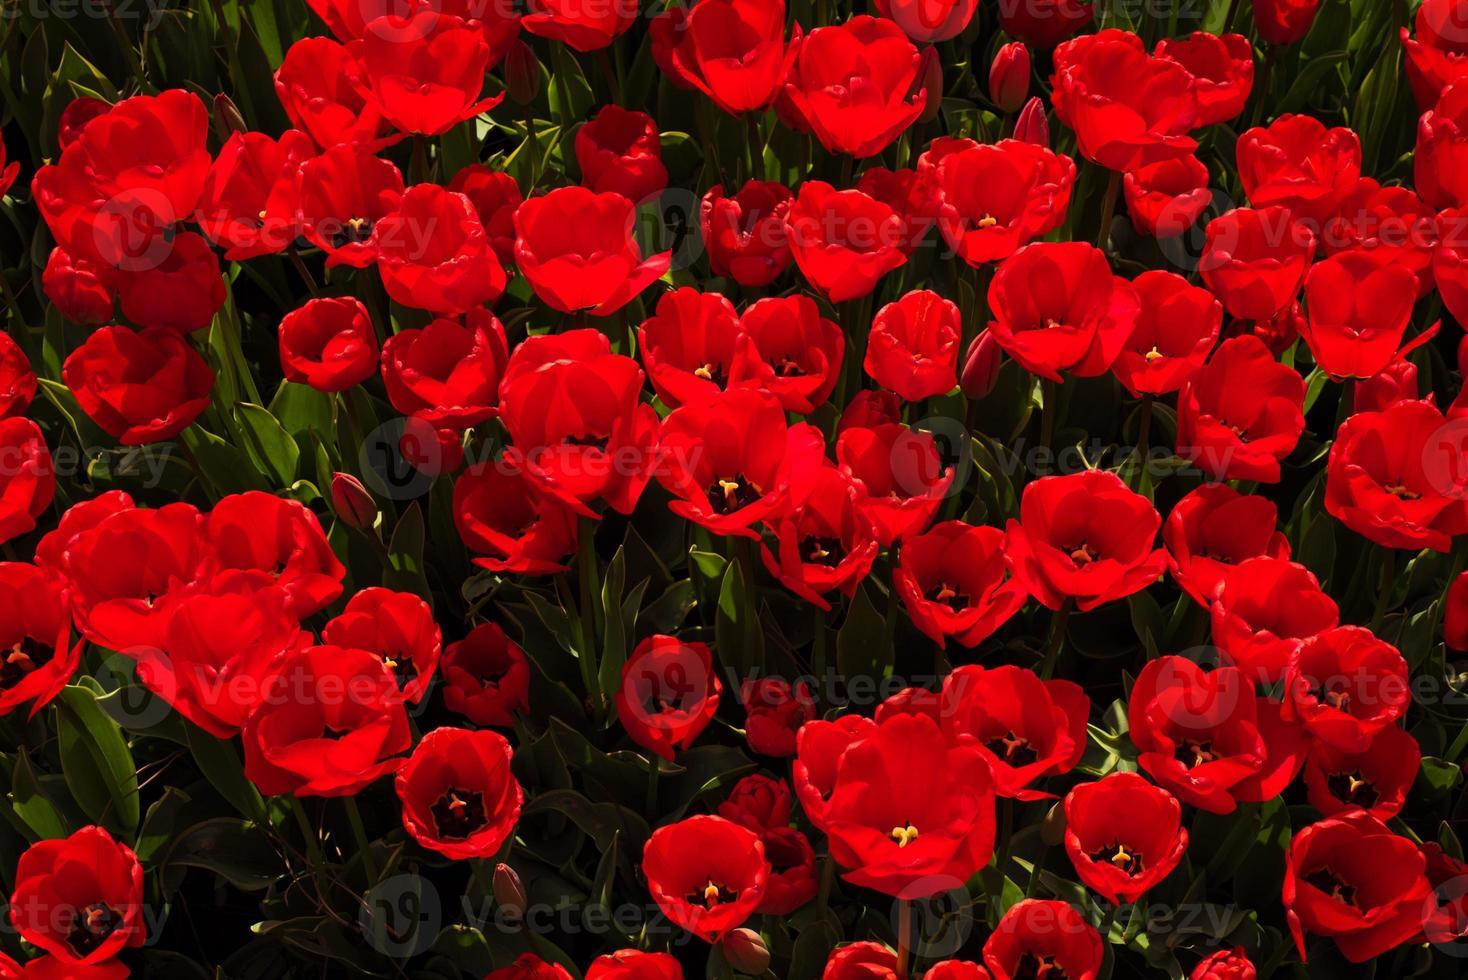 vista dall'alto di molti tulipani rossi foto